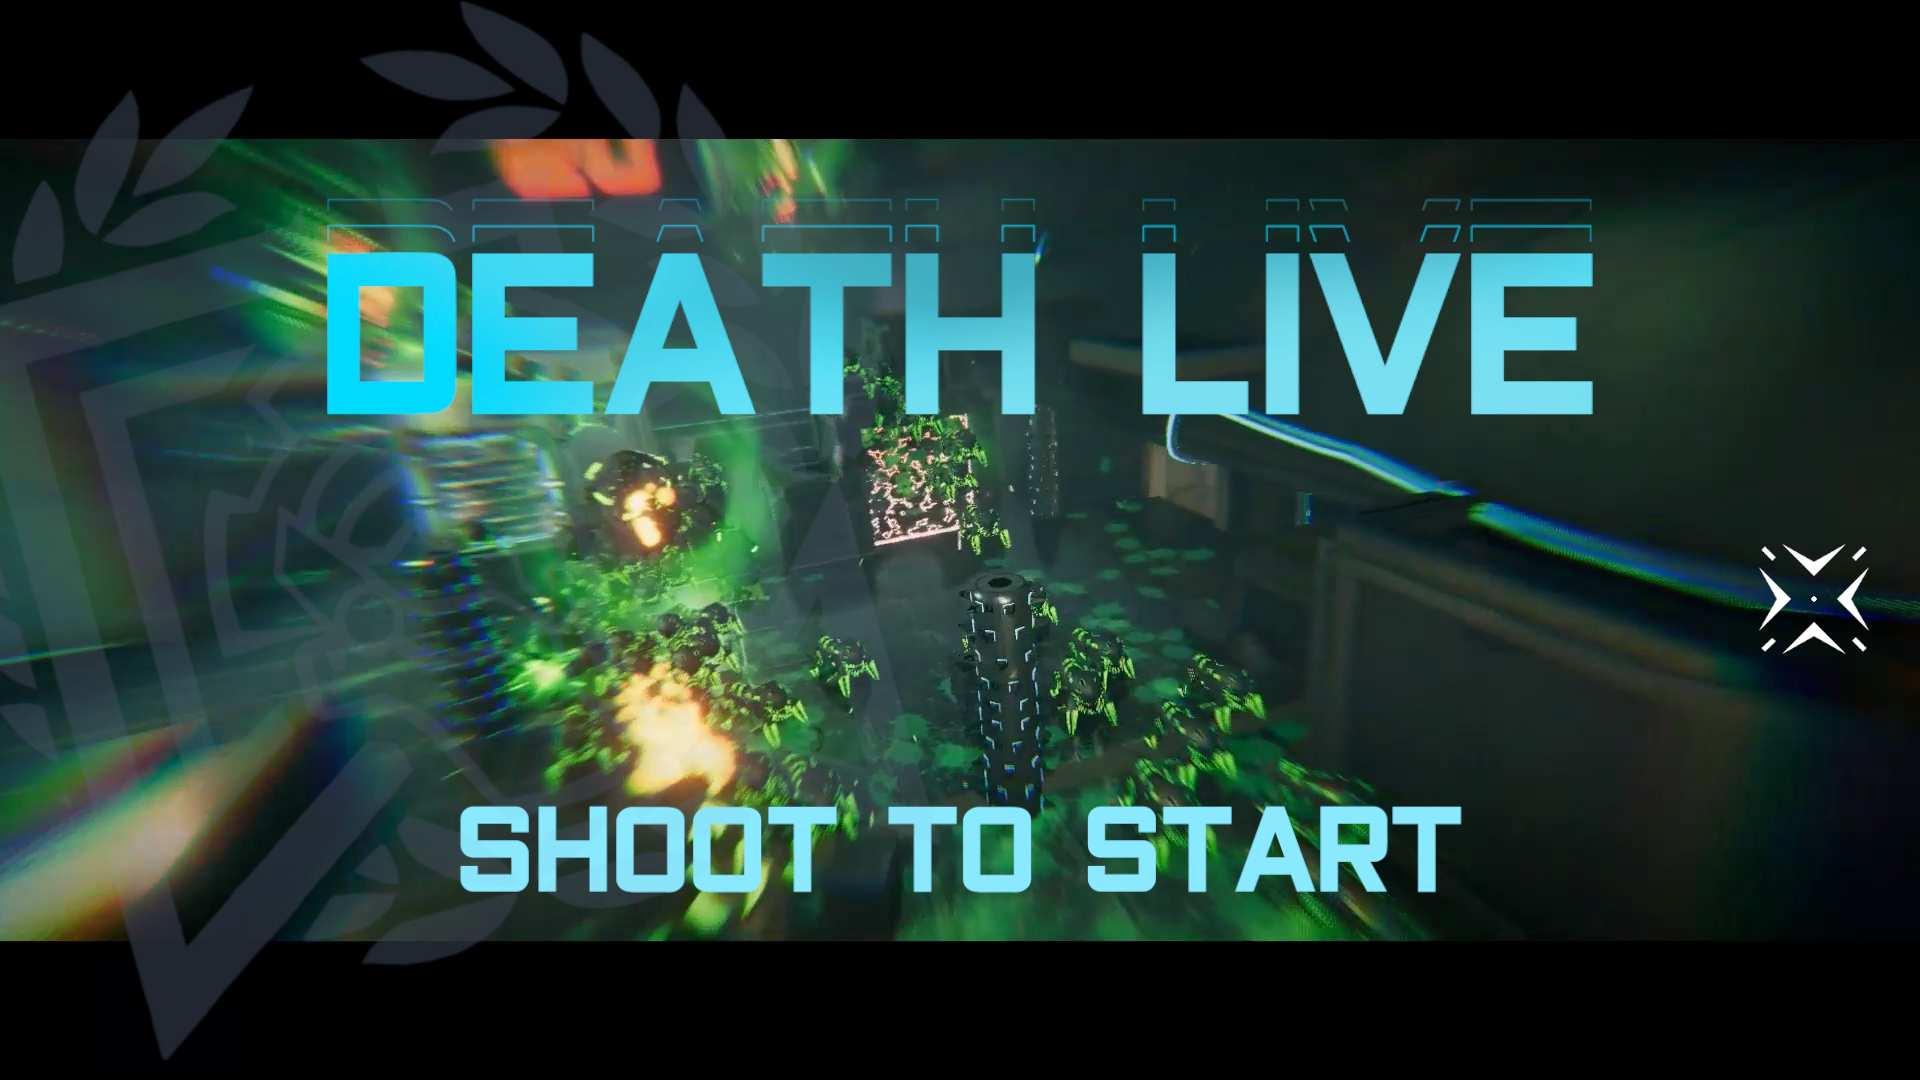 death-live-screen-waitscreen.jpg